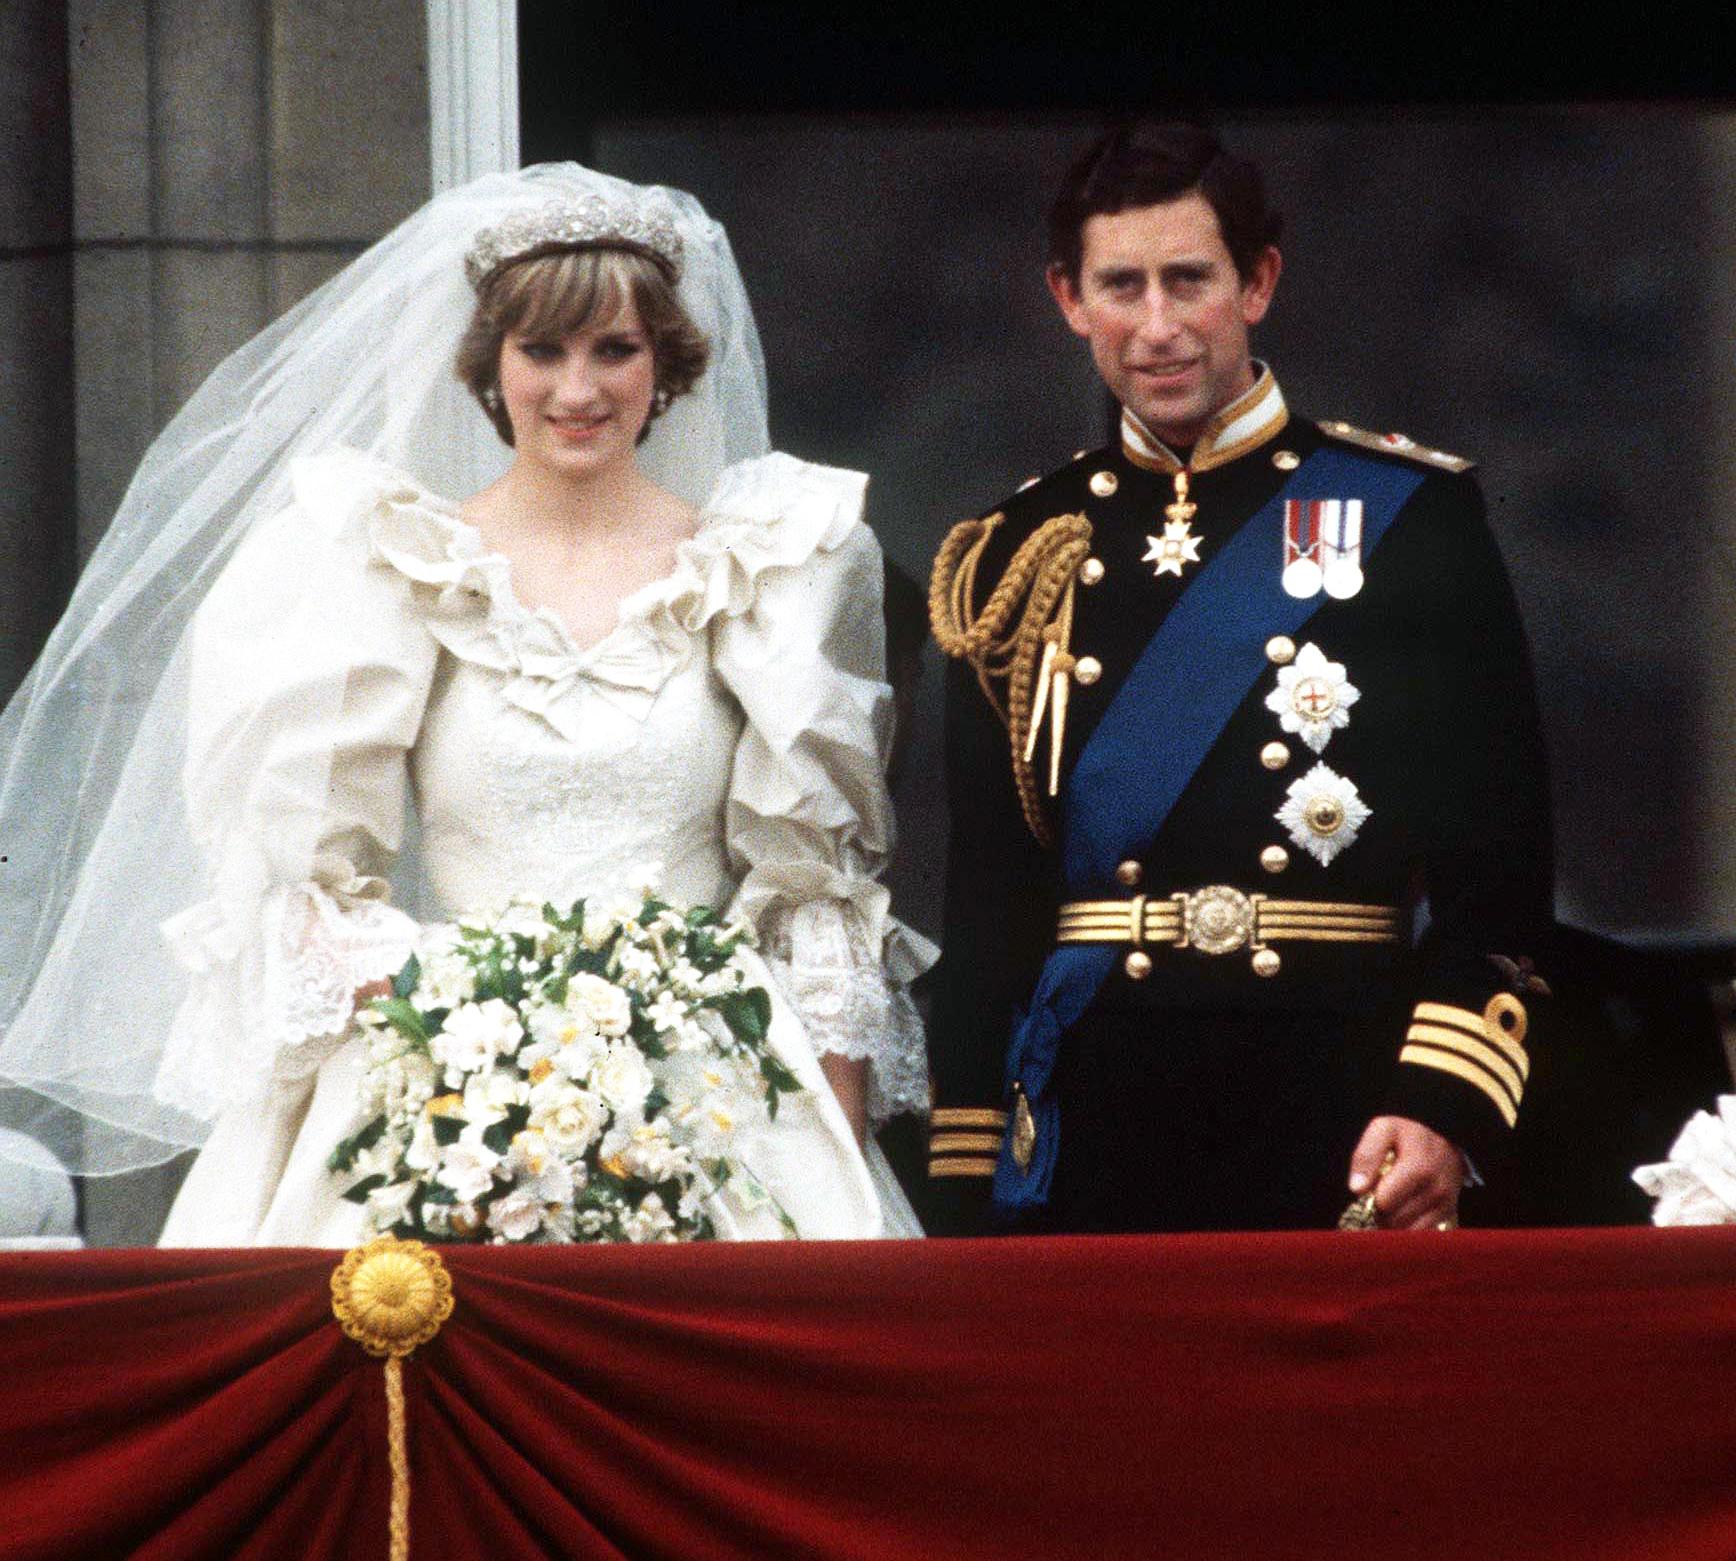 Prince Charles And Princess Diana Wedding